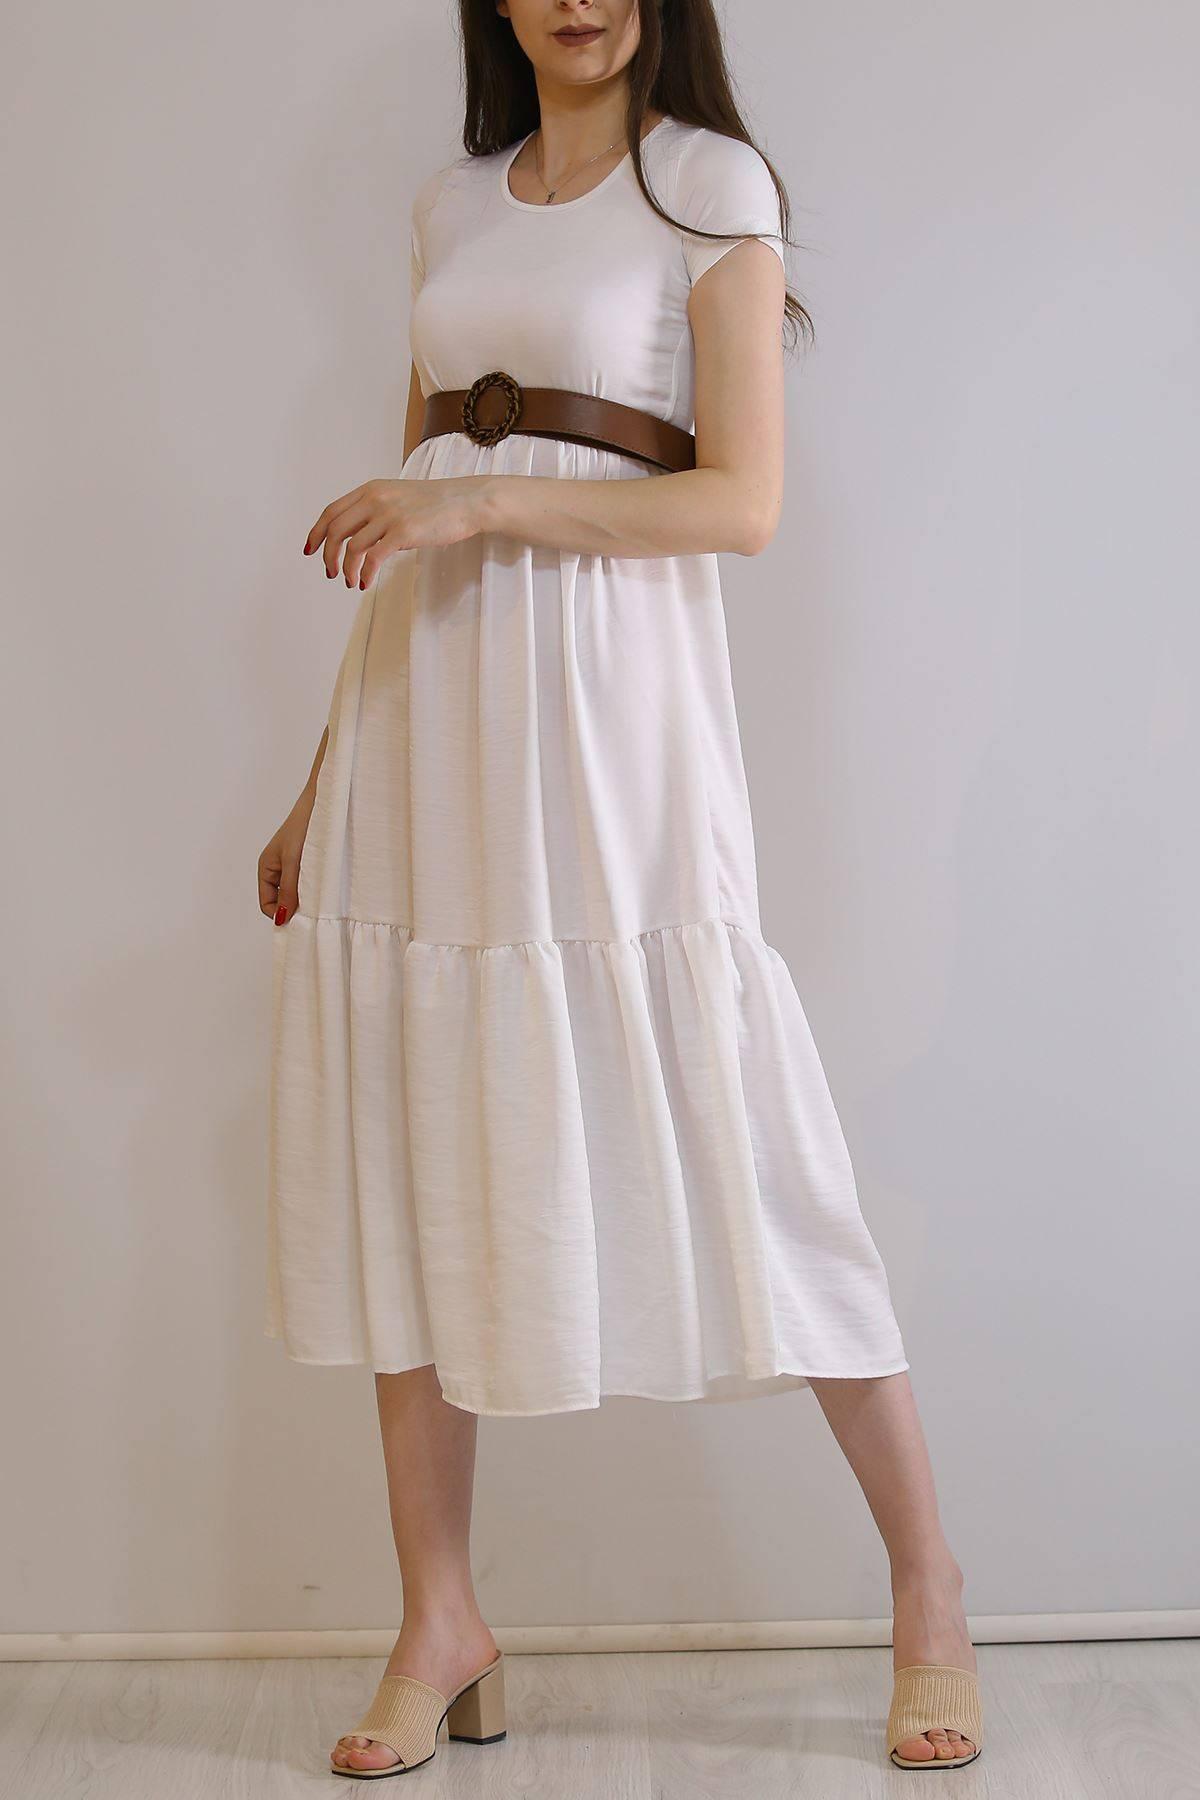 Ayrobin Elbise Beyaz - 6023.1247.